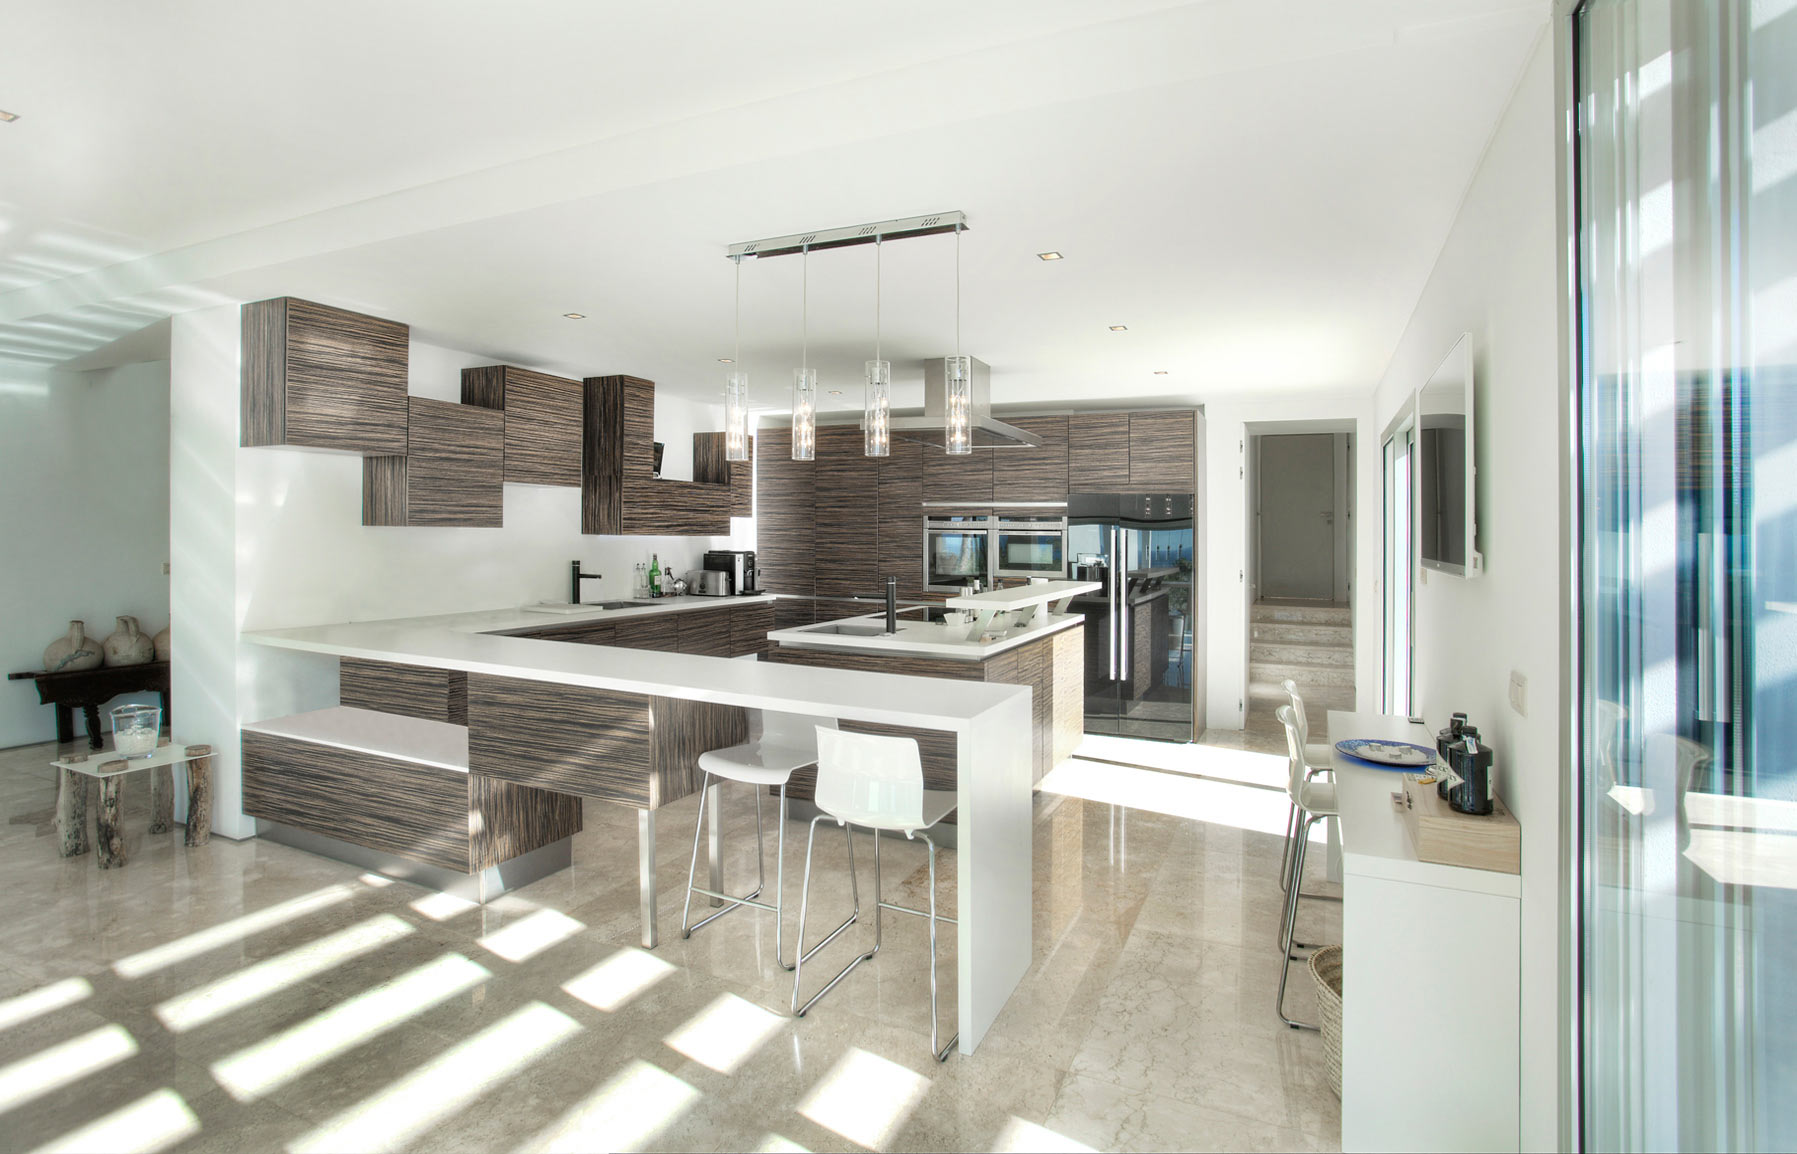 Mg ag arquitectos arquitectos asociados - Arquitectos ibiza ...